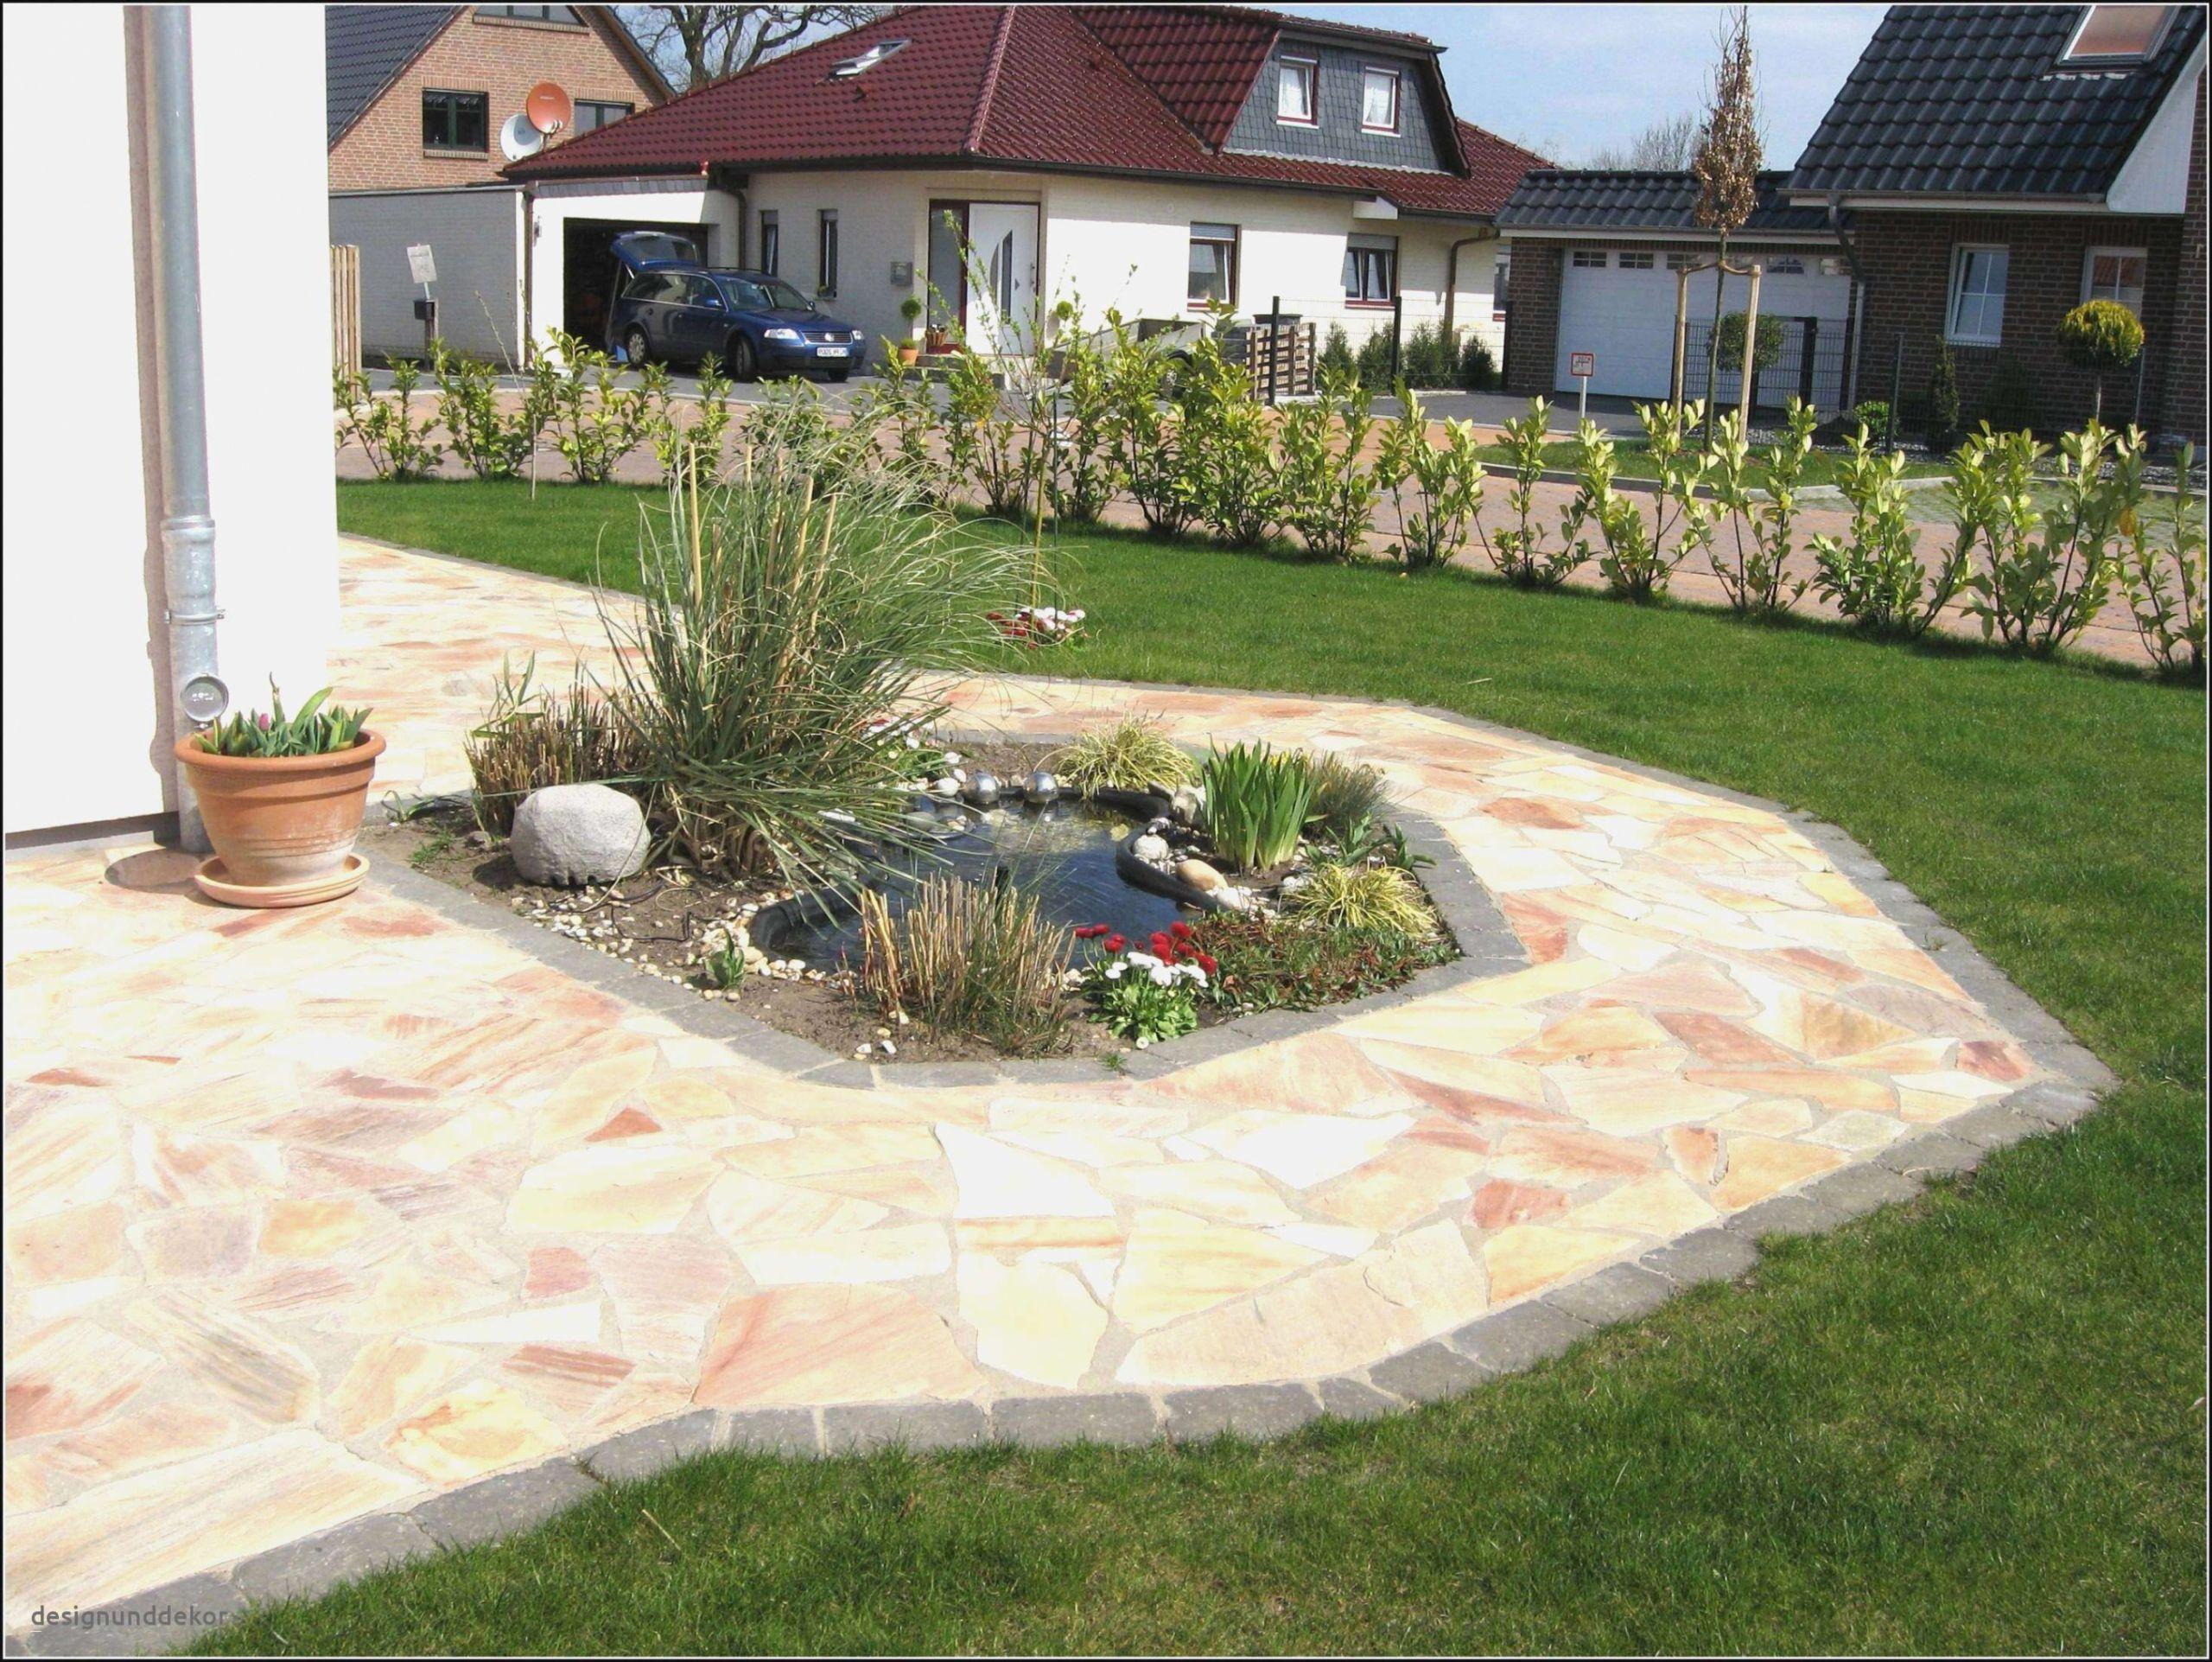 Gartengestaltung Mit Steinen Luxus Gartengestaltung Ideen Mit Steinen — Temobardz Home Blog